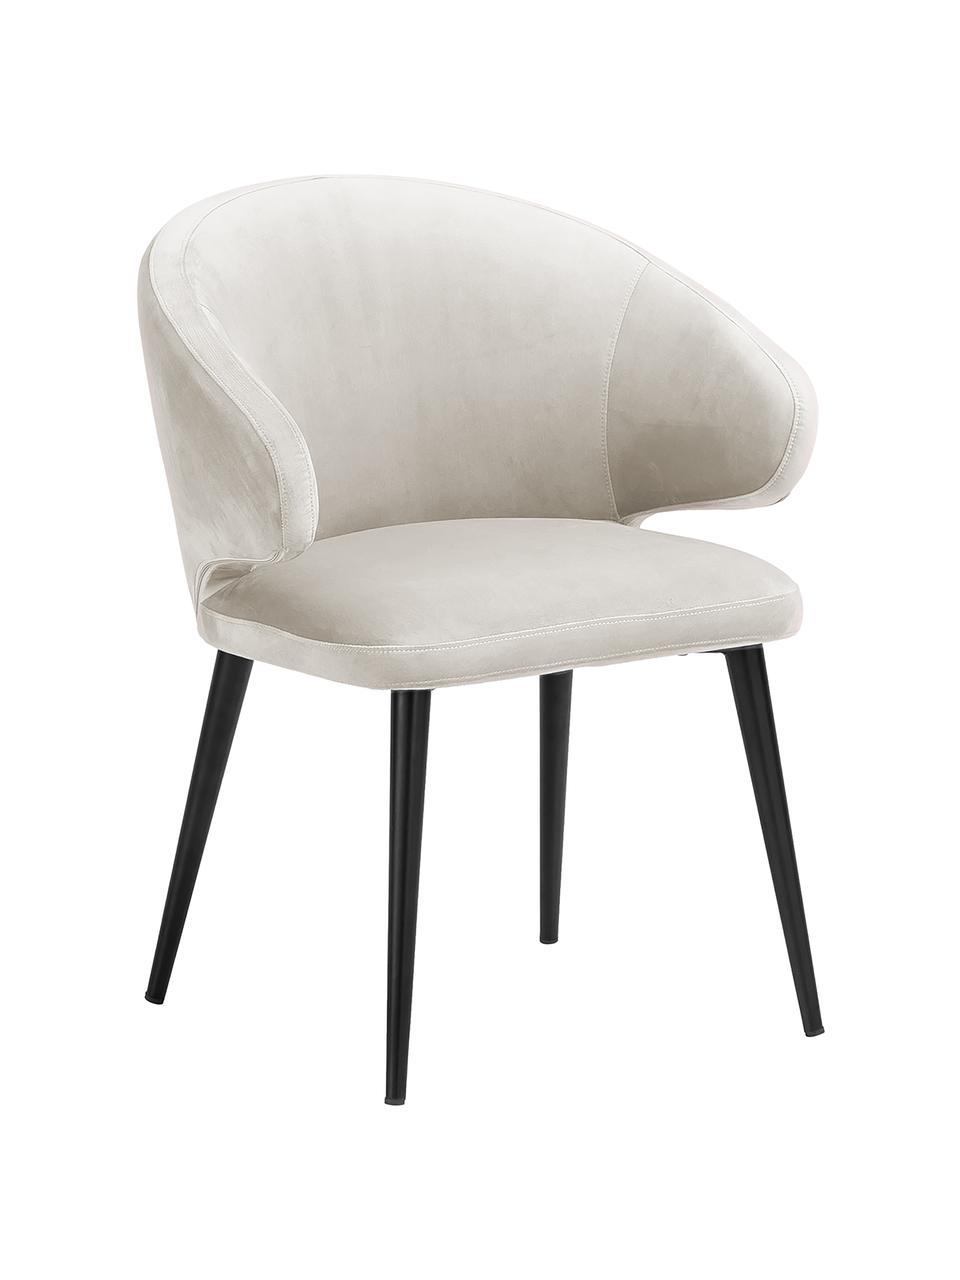 Moderní sametová židle spodručkami Celia, Béžová